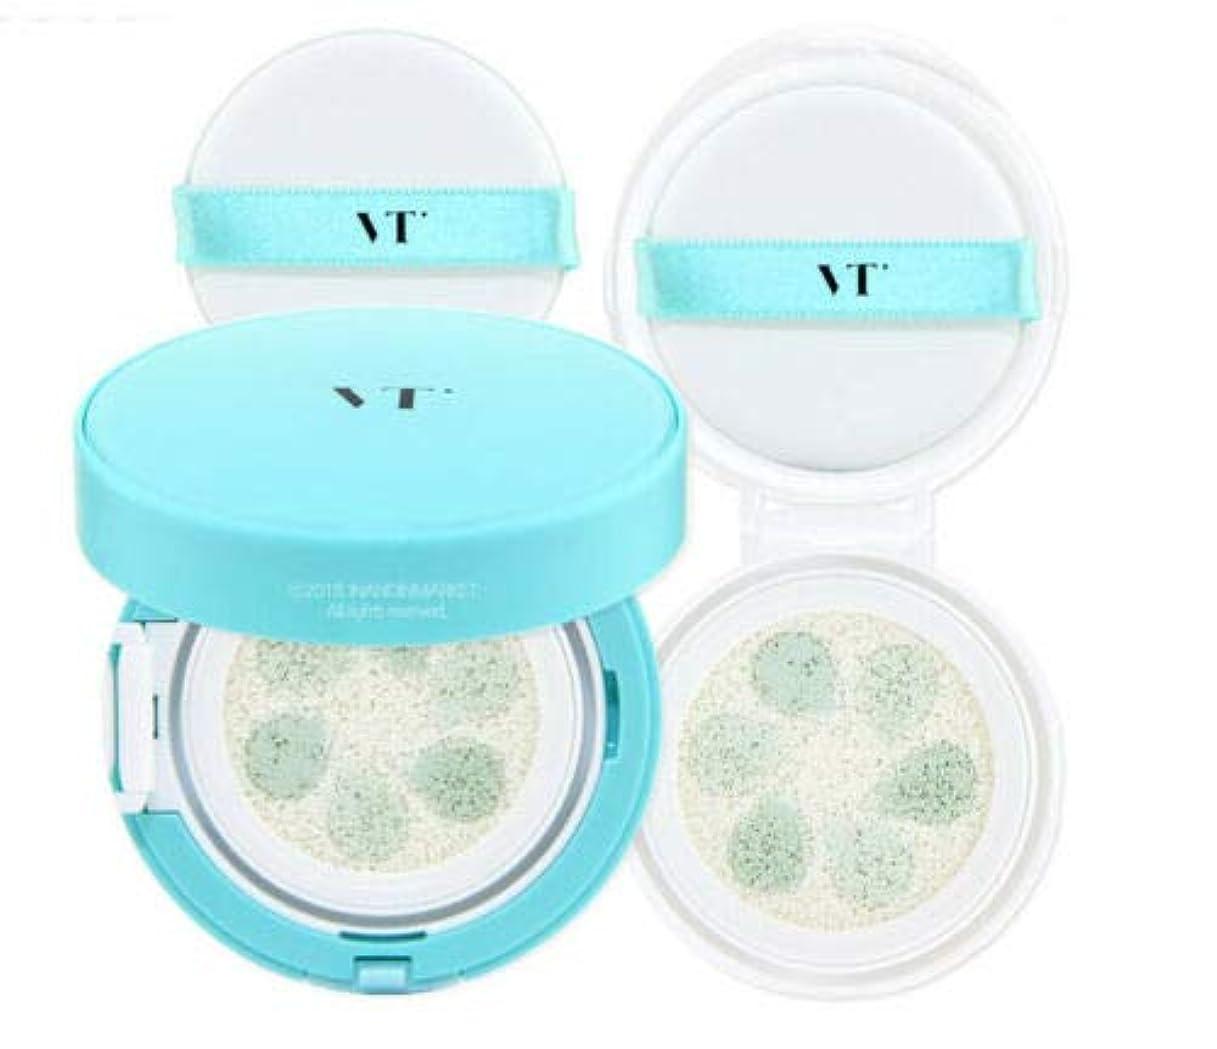 第三小数遺産VT Cosmetic Phyto Sun Cushion サンクッション 本品11g + リフィール11g, SPF50+/PA++++